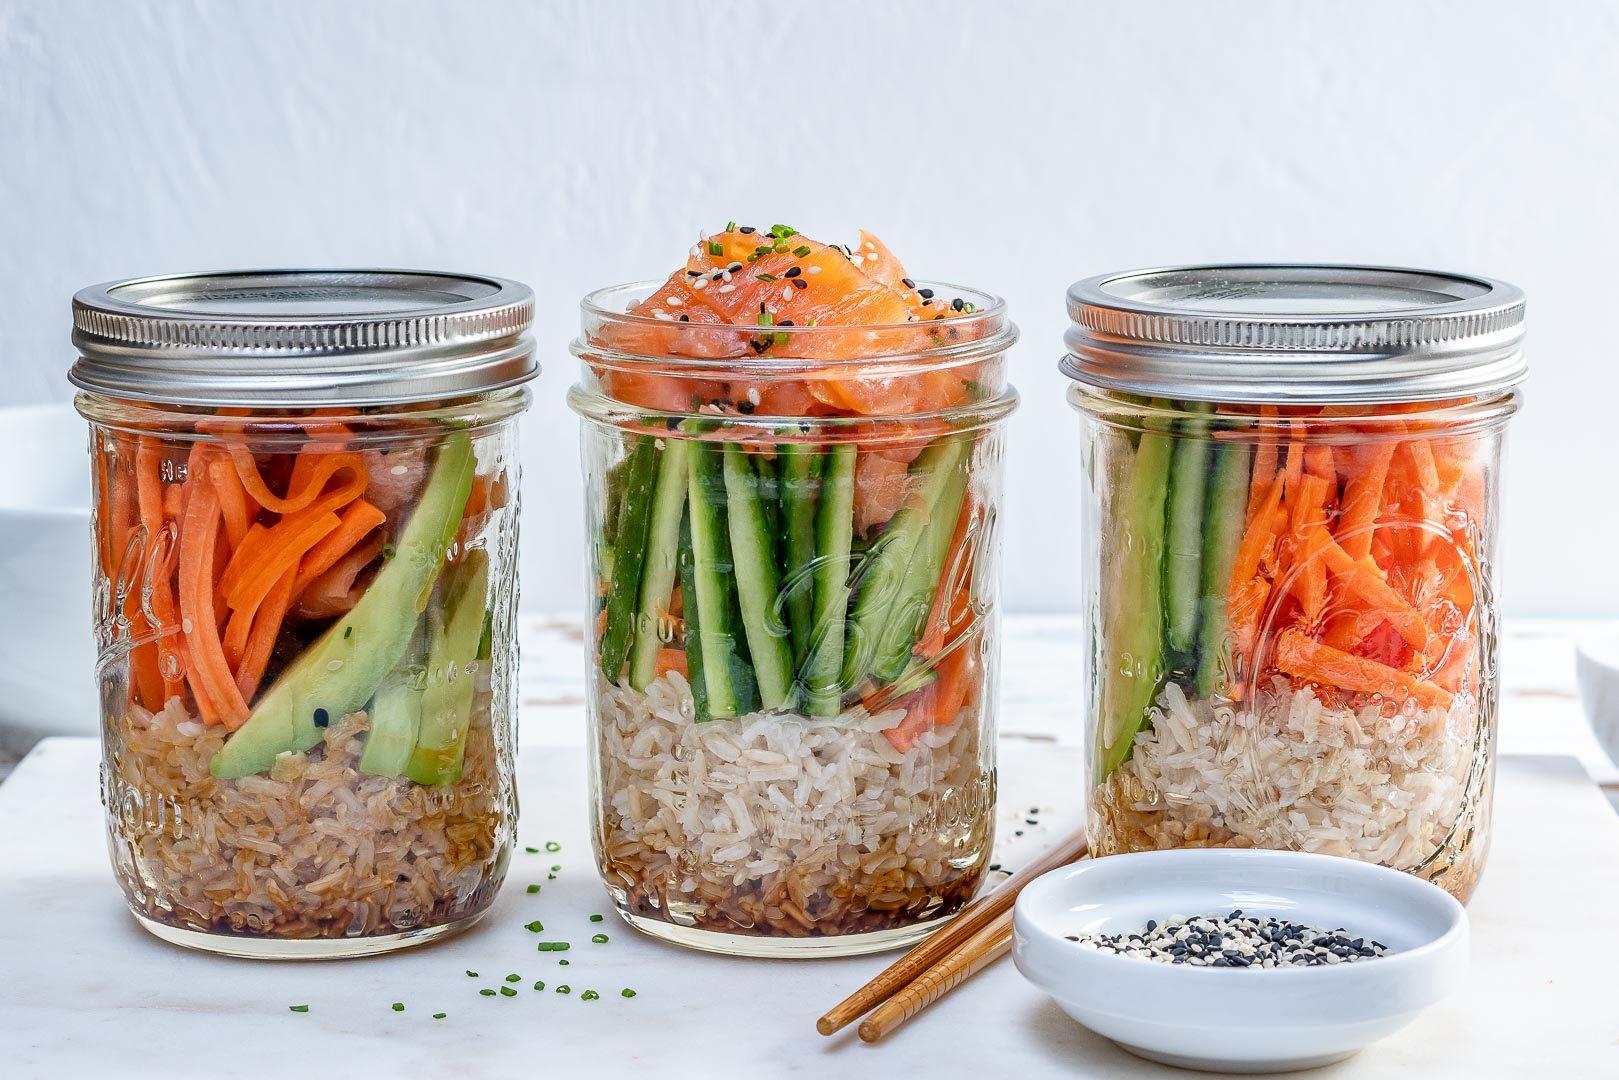 ظروف نگهداری سالم و ایمن، سلامتی مواد غذایی را تضمین مینمایند.